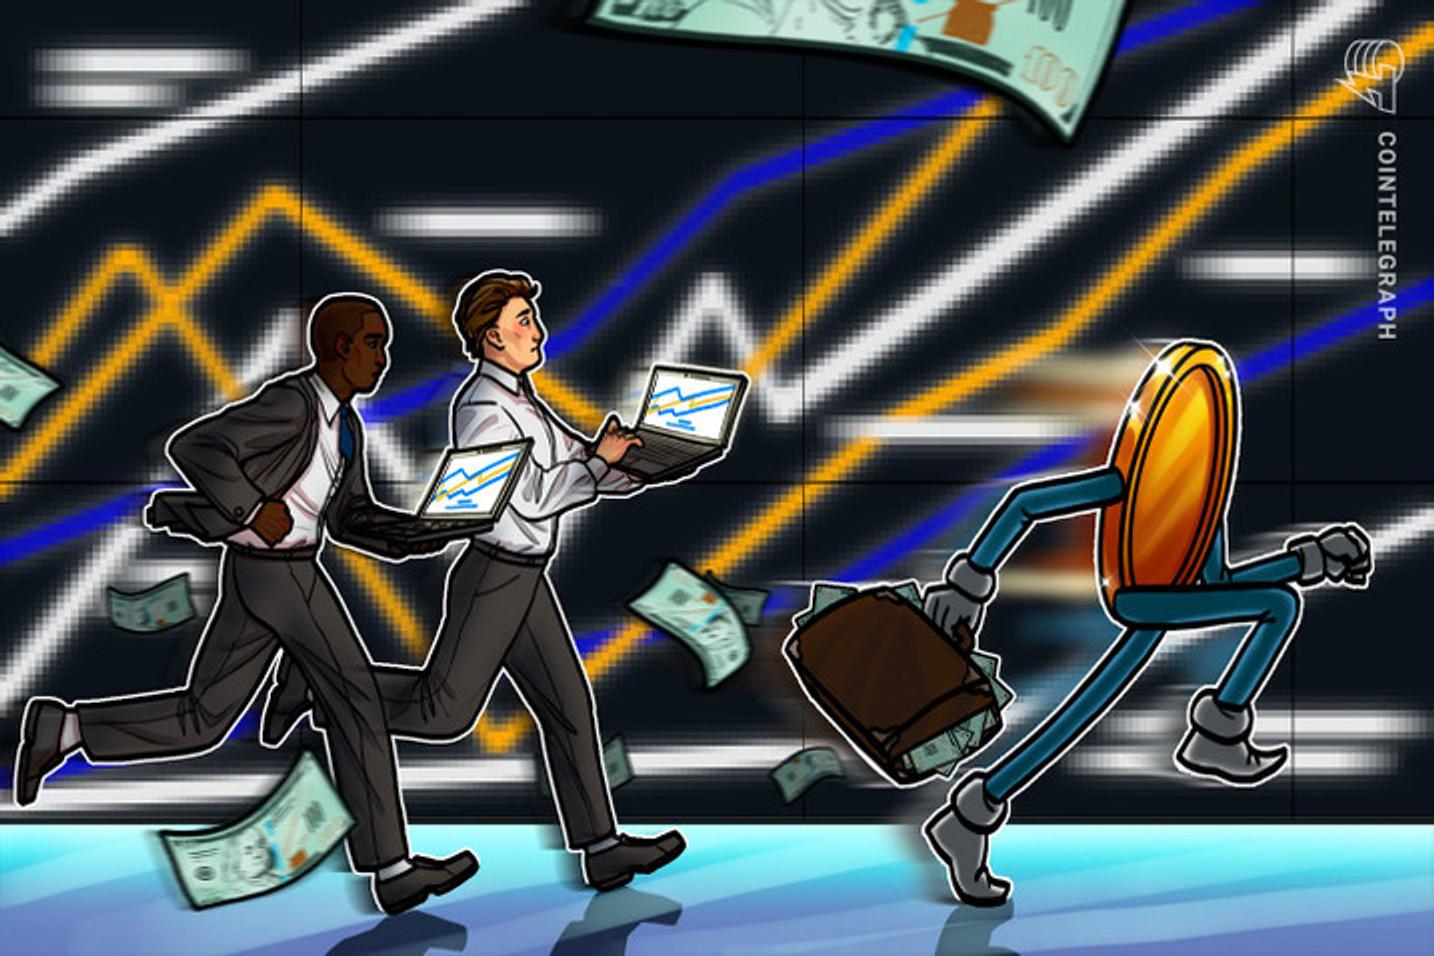 'Vou dar R$ 100 em AXS do Axie Infinity em parceria com o Mercado Bitcoin', diz Andre Franco, da Empiricus